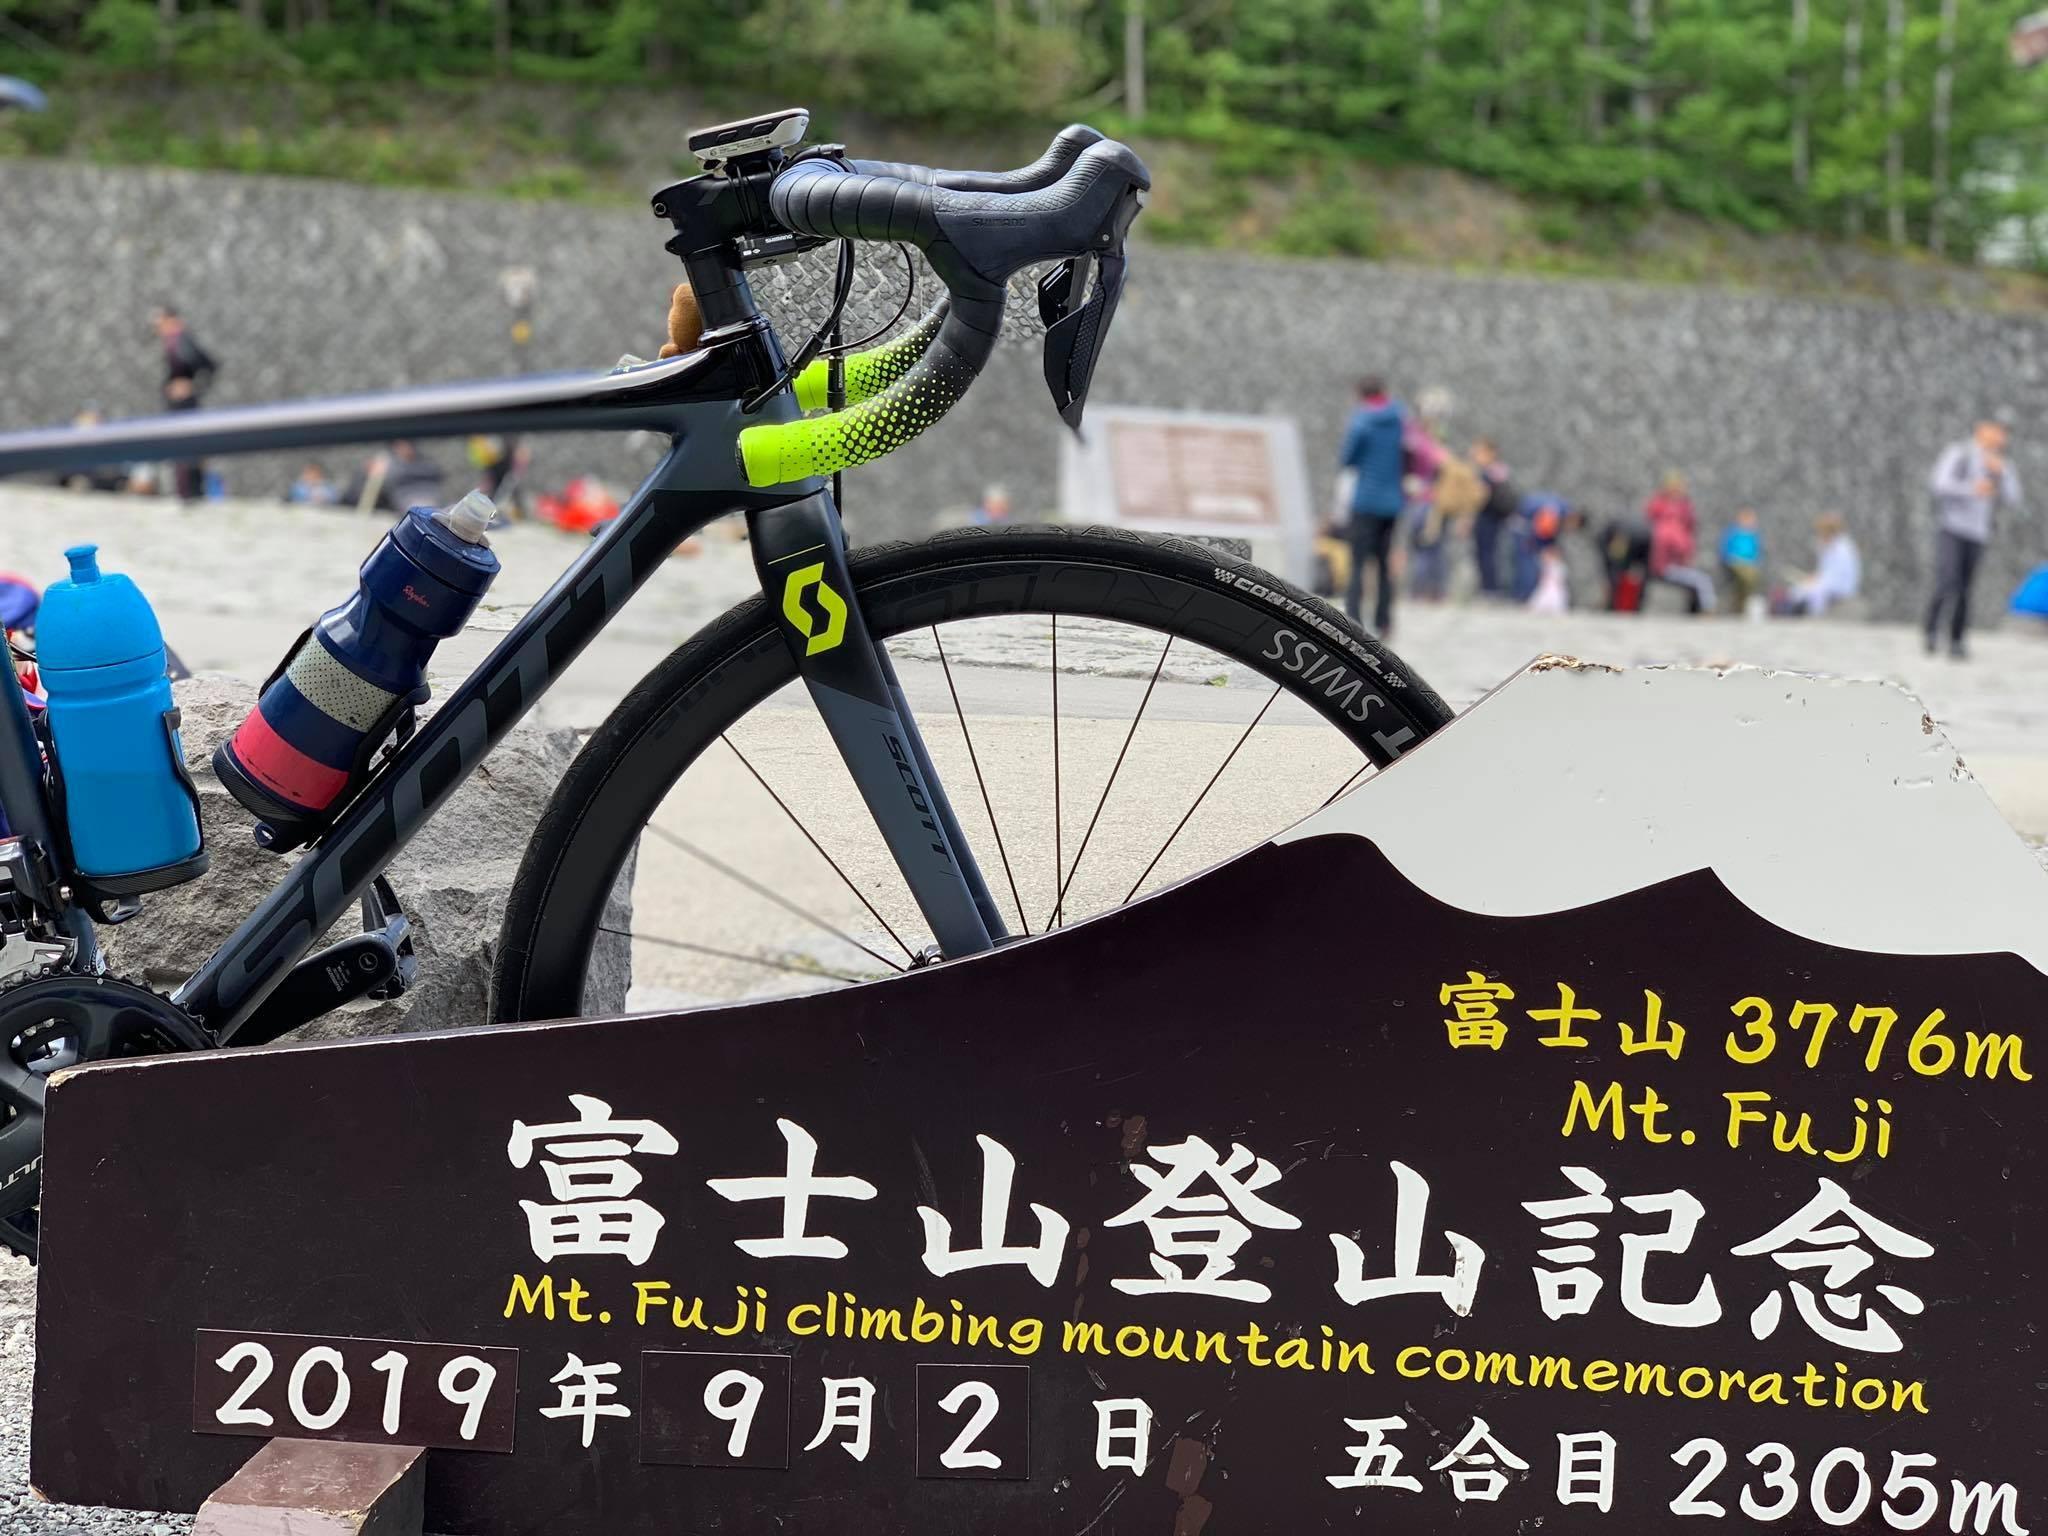 始於東奧賽道踩線的這趟騎旅,最終以富士山五合目劃下句點。